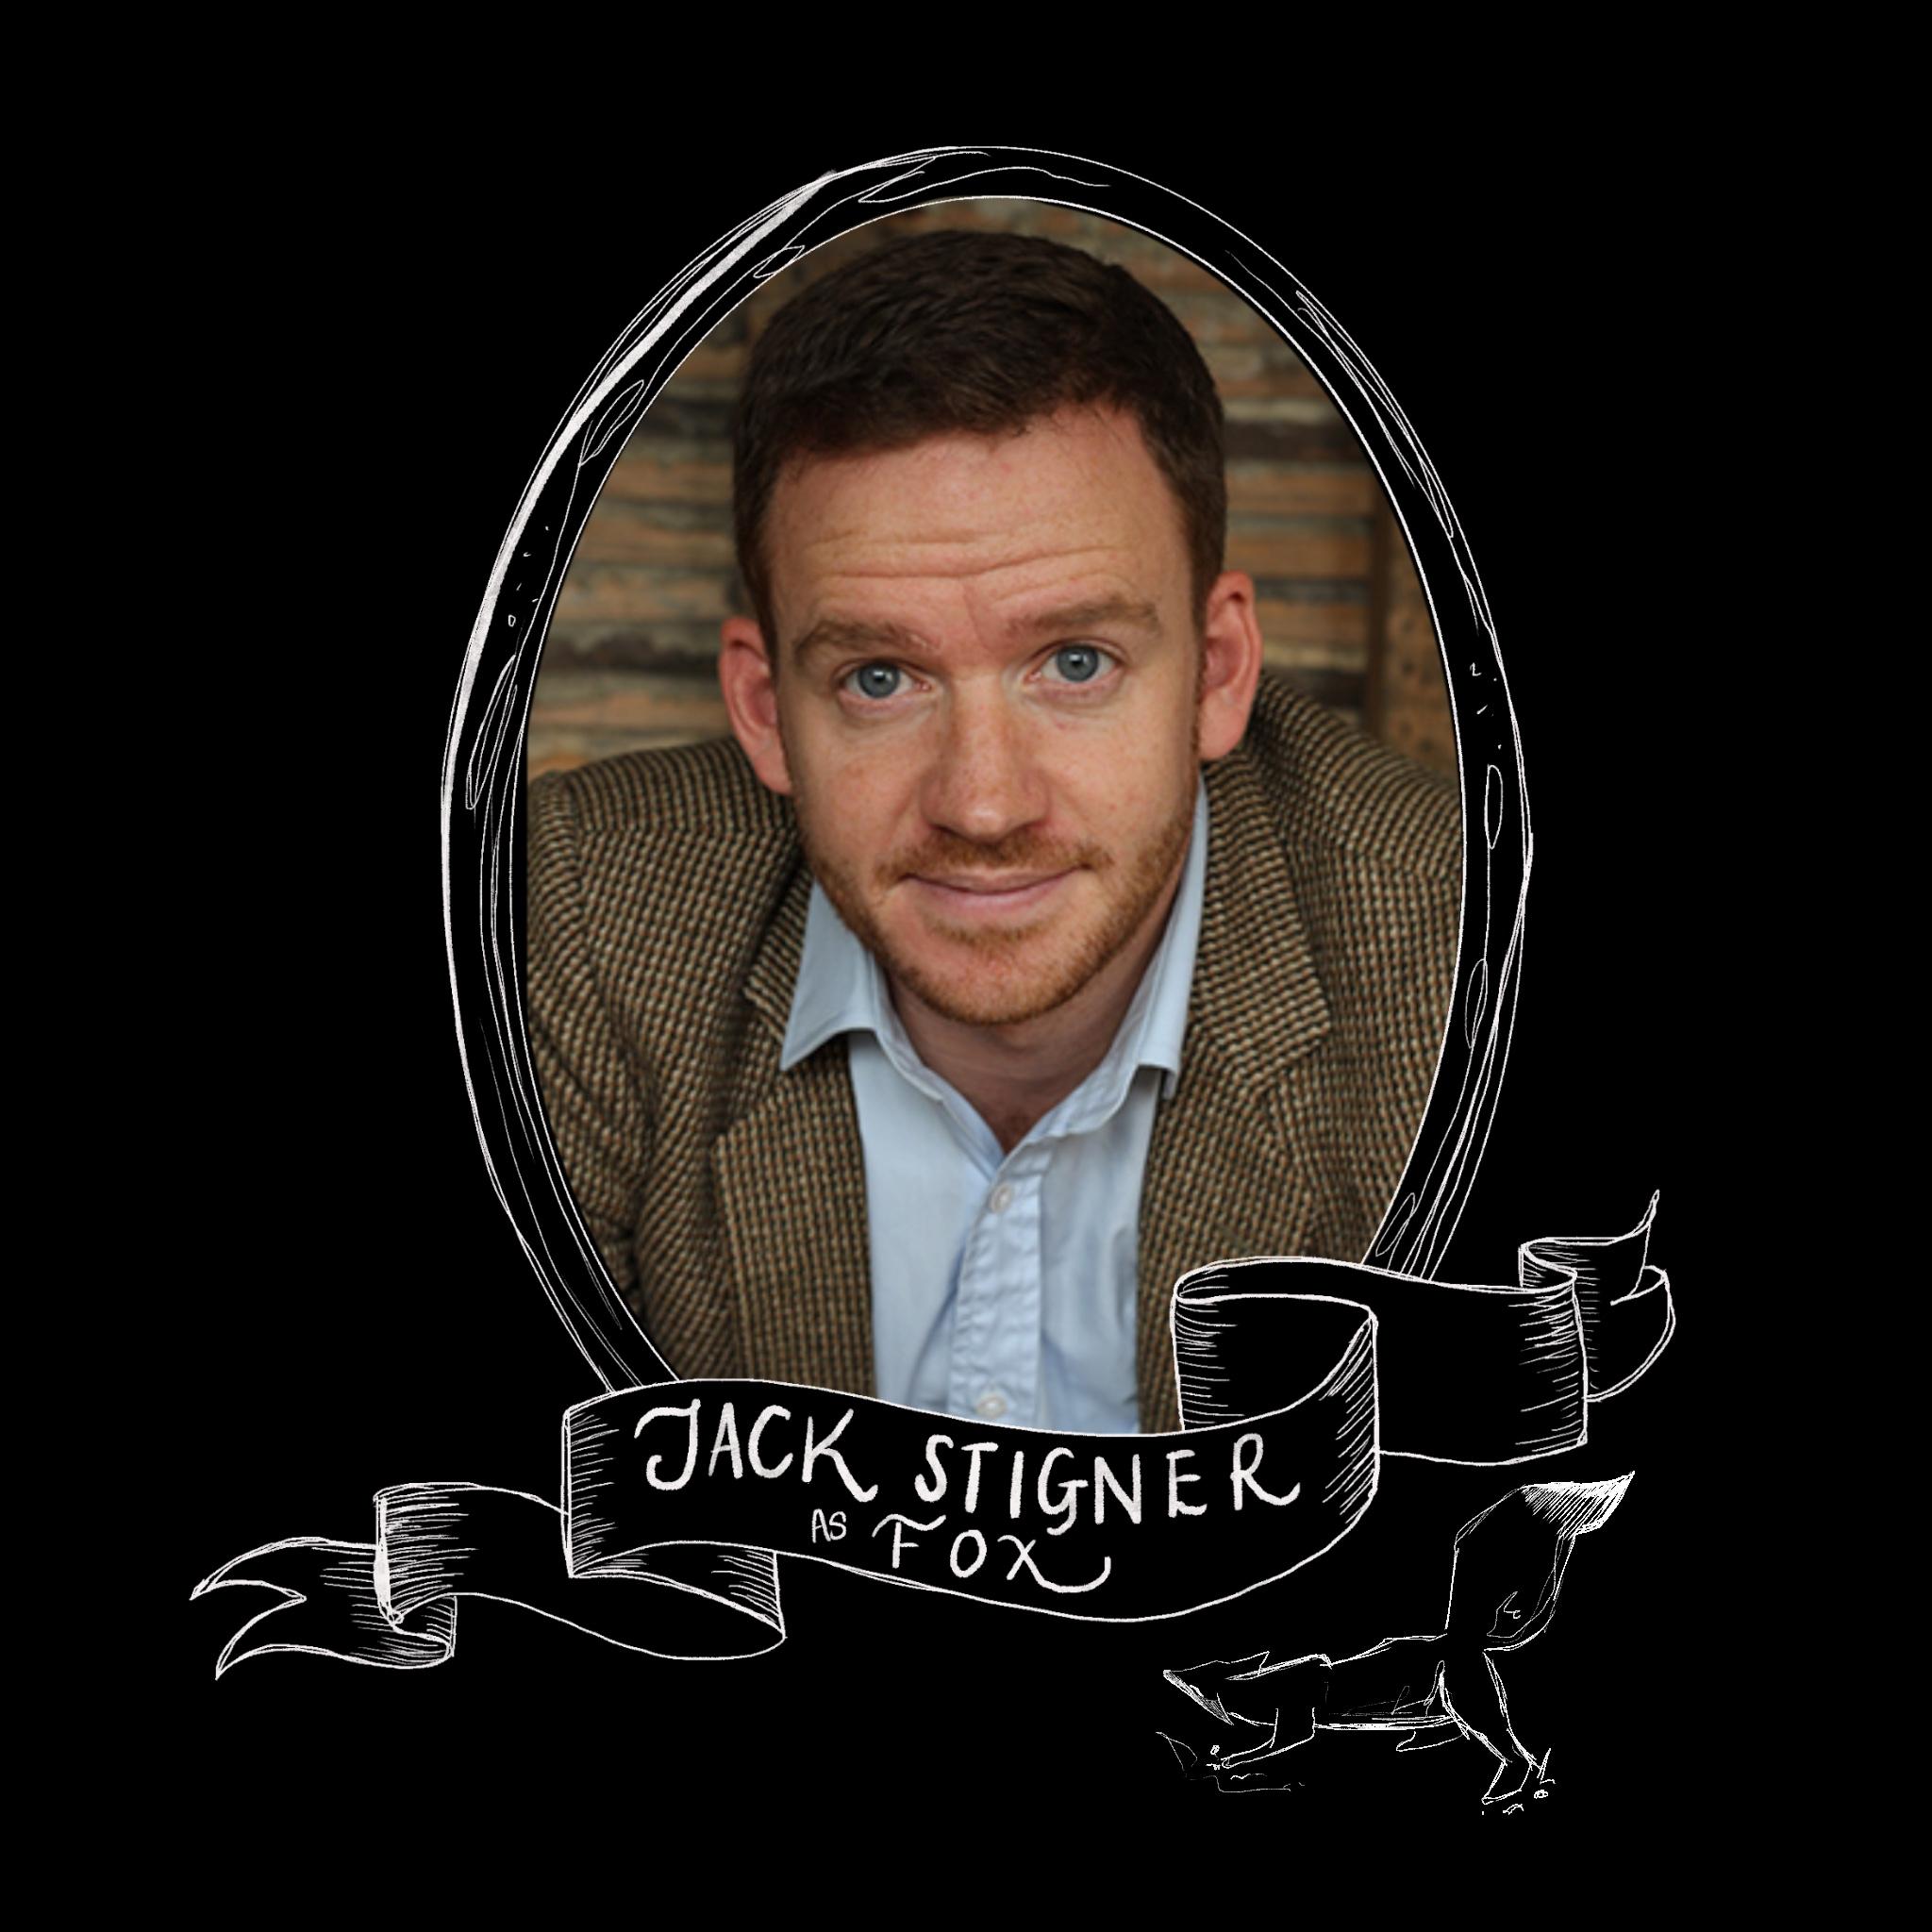 Jack Stigner